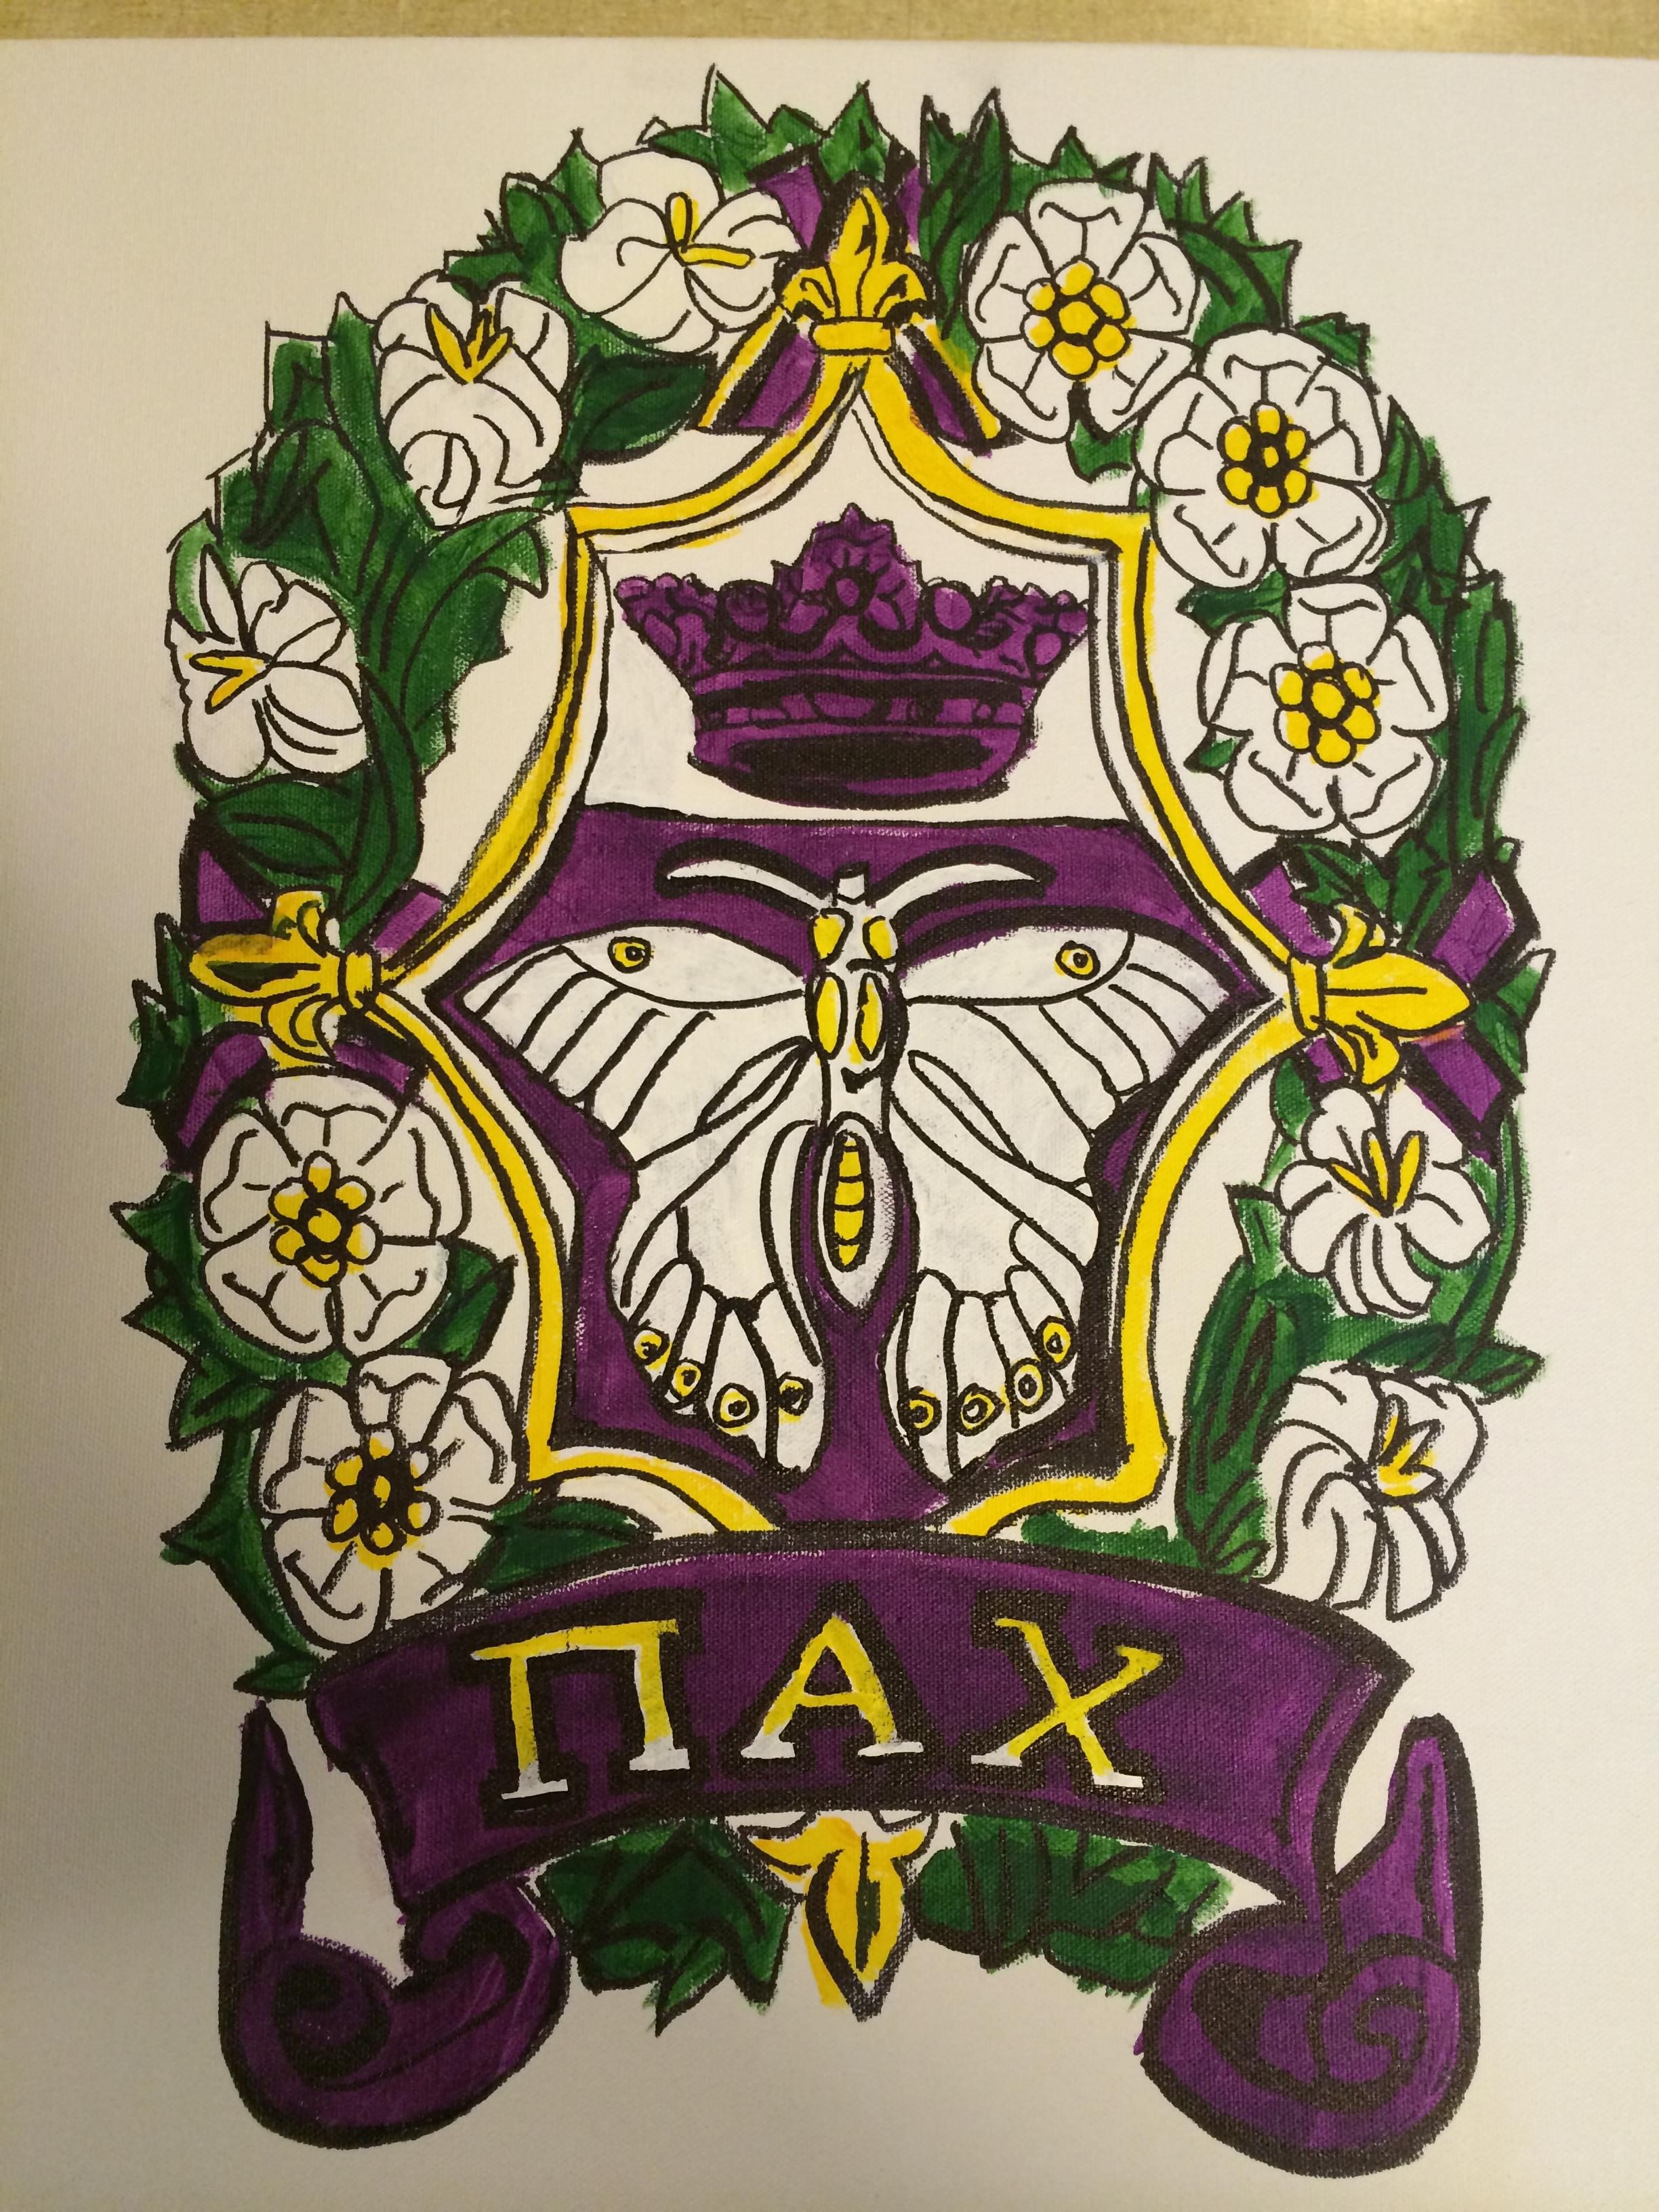 PAX crest